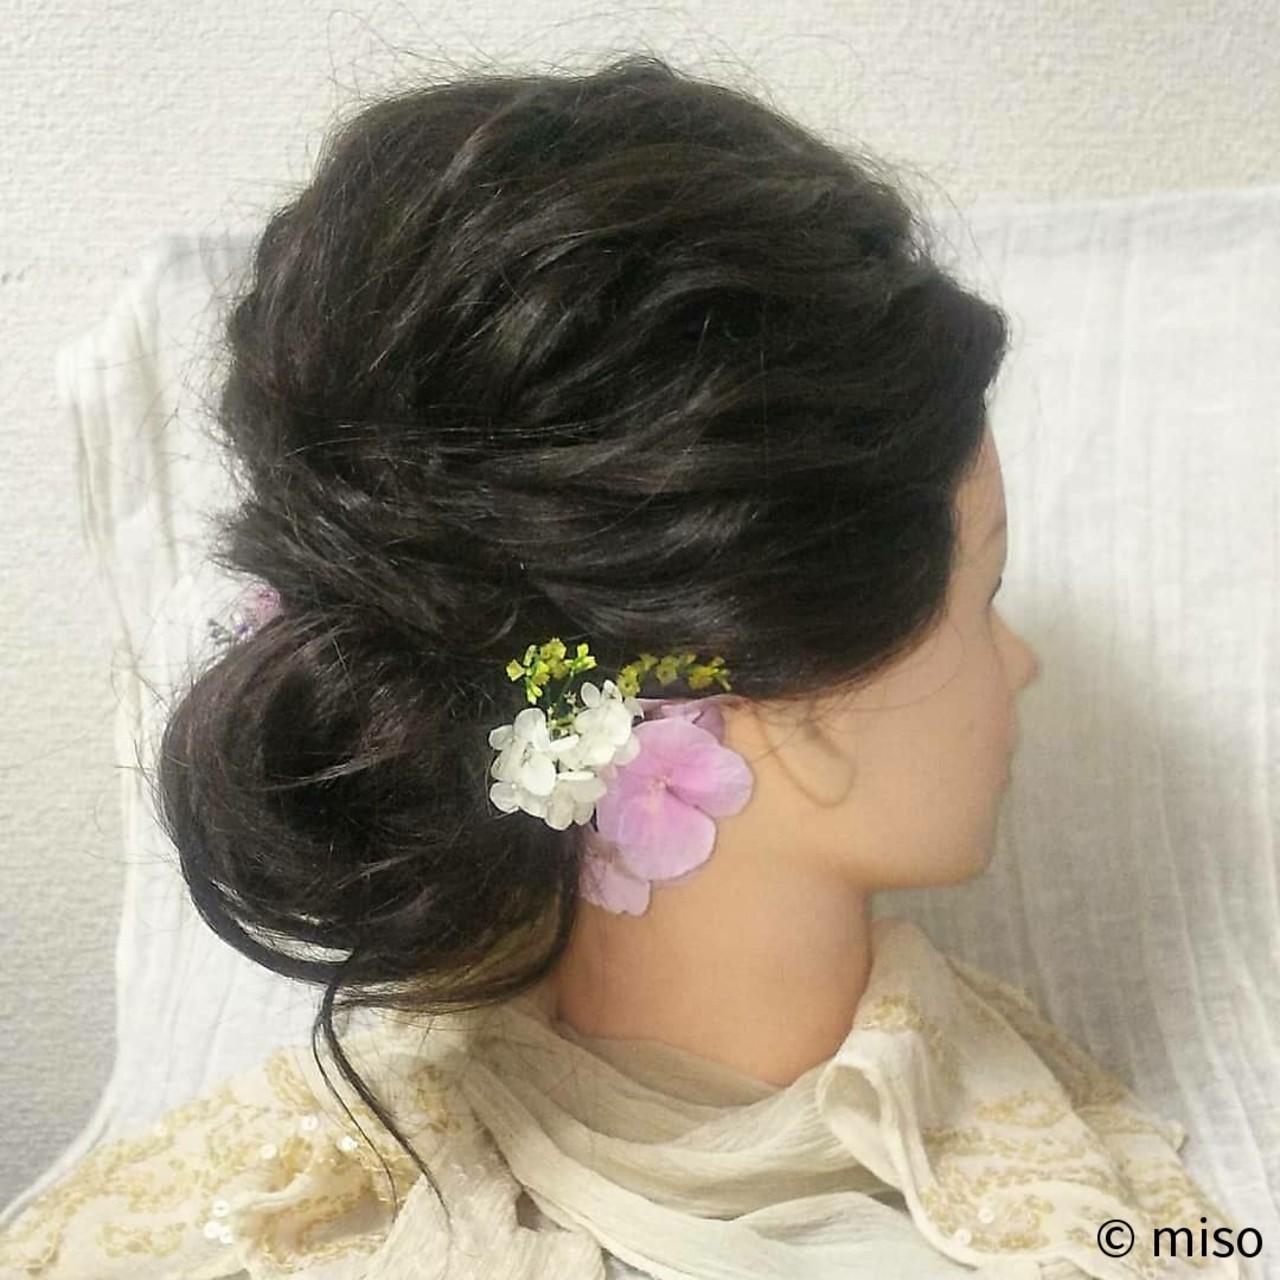 ブライダル 花嫁 セミロング ヘアアレンジ ヘアスタイルや髪型の写真・画像